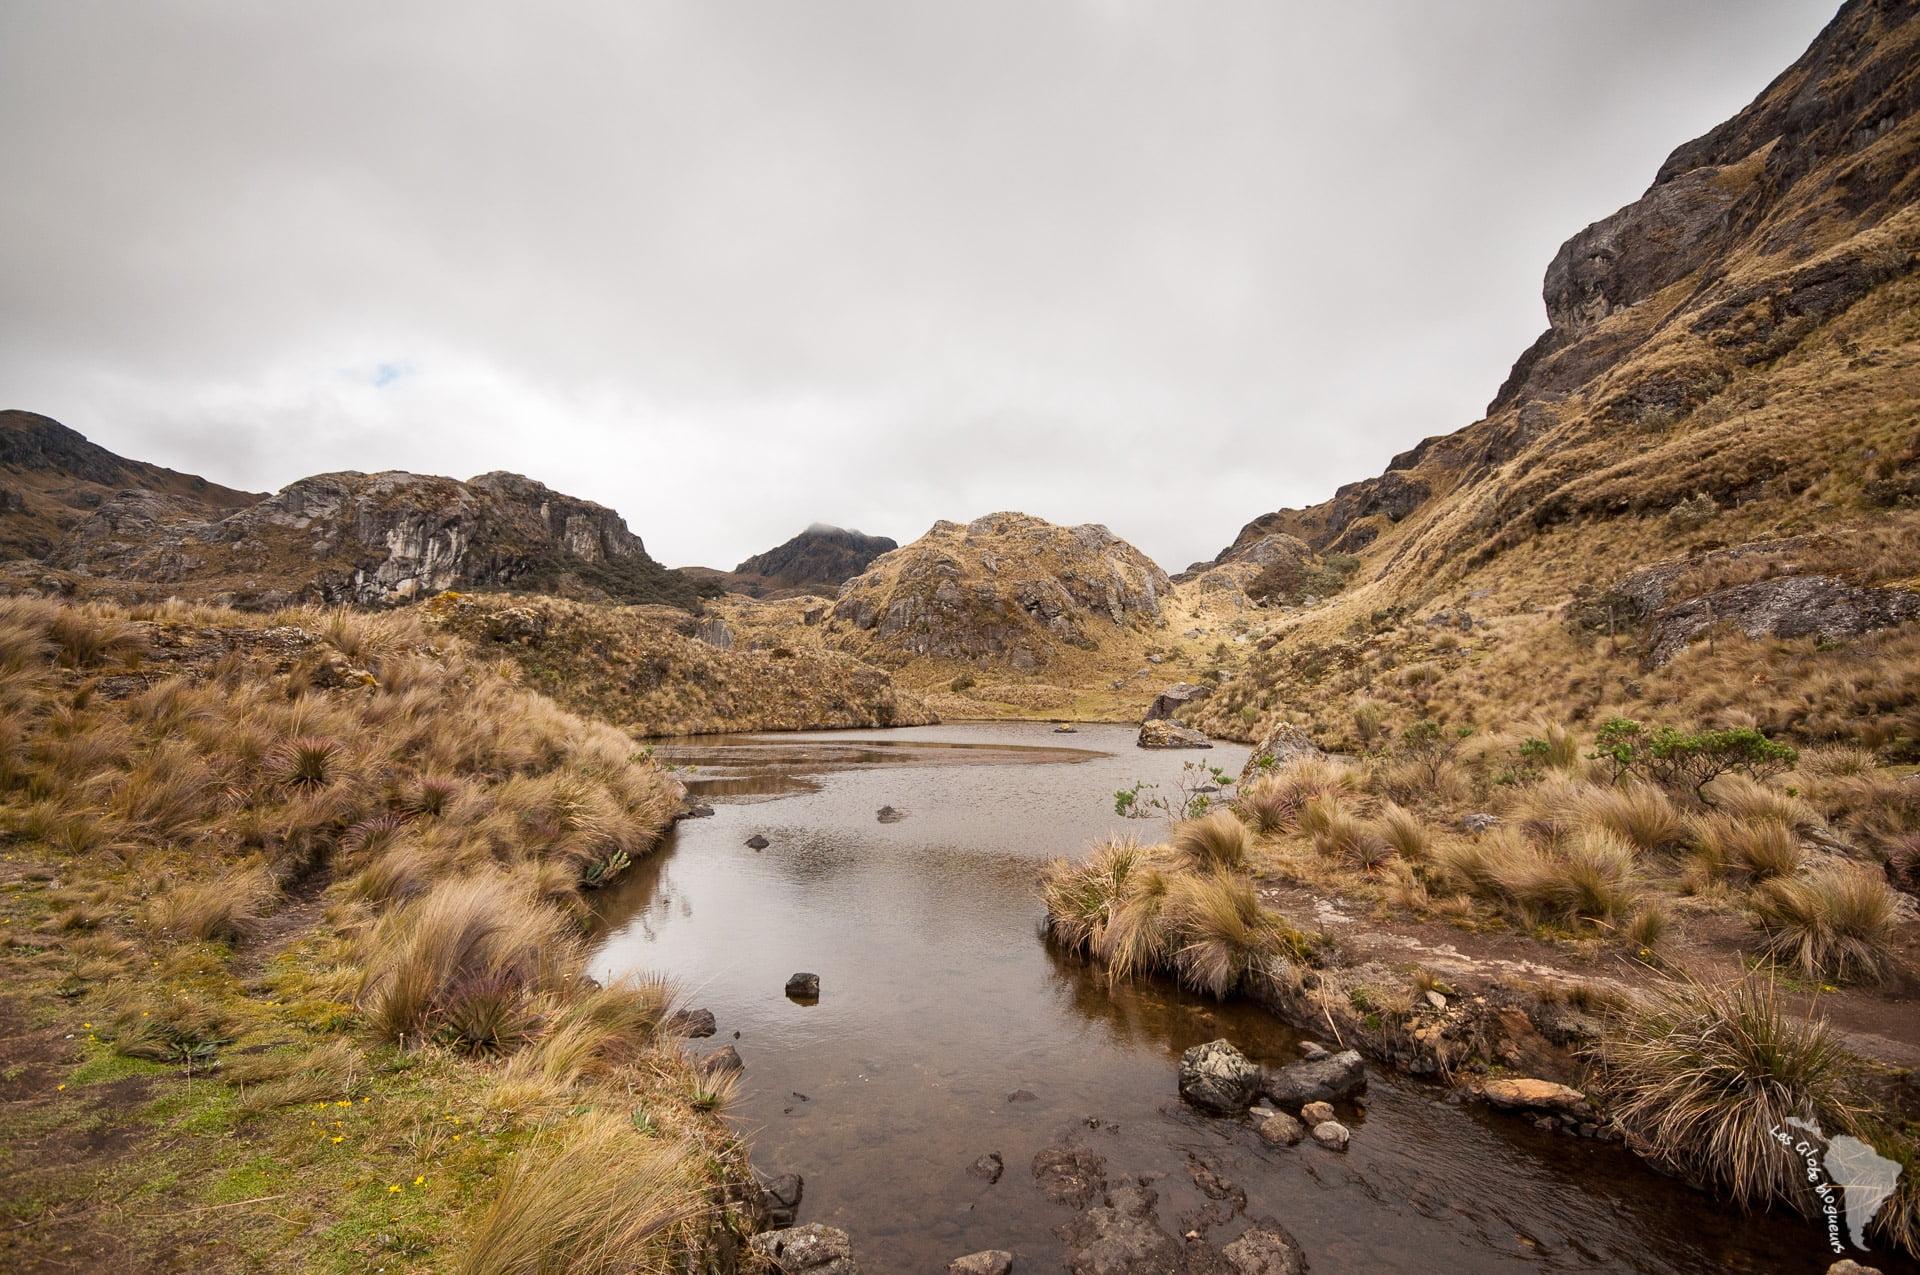 rivière el cajas - Les globe blogueurs - blog voyage nature